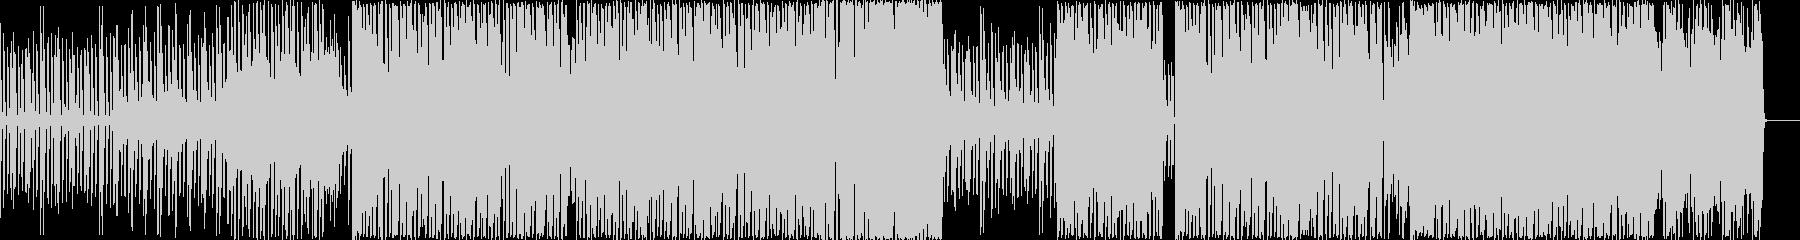 シリアスなメロディーのロックサウンドの未再生の波形